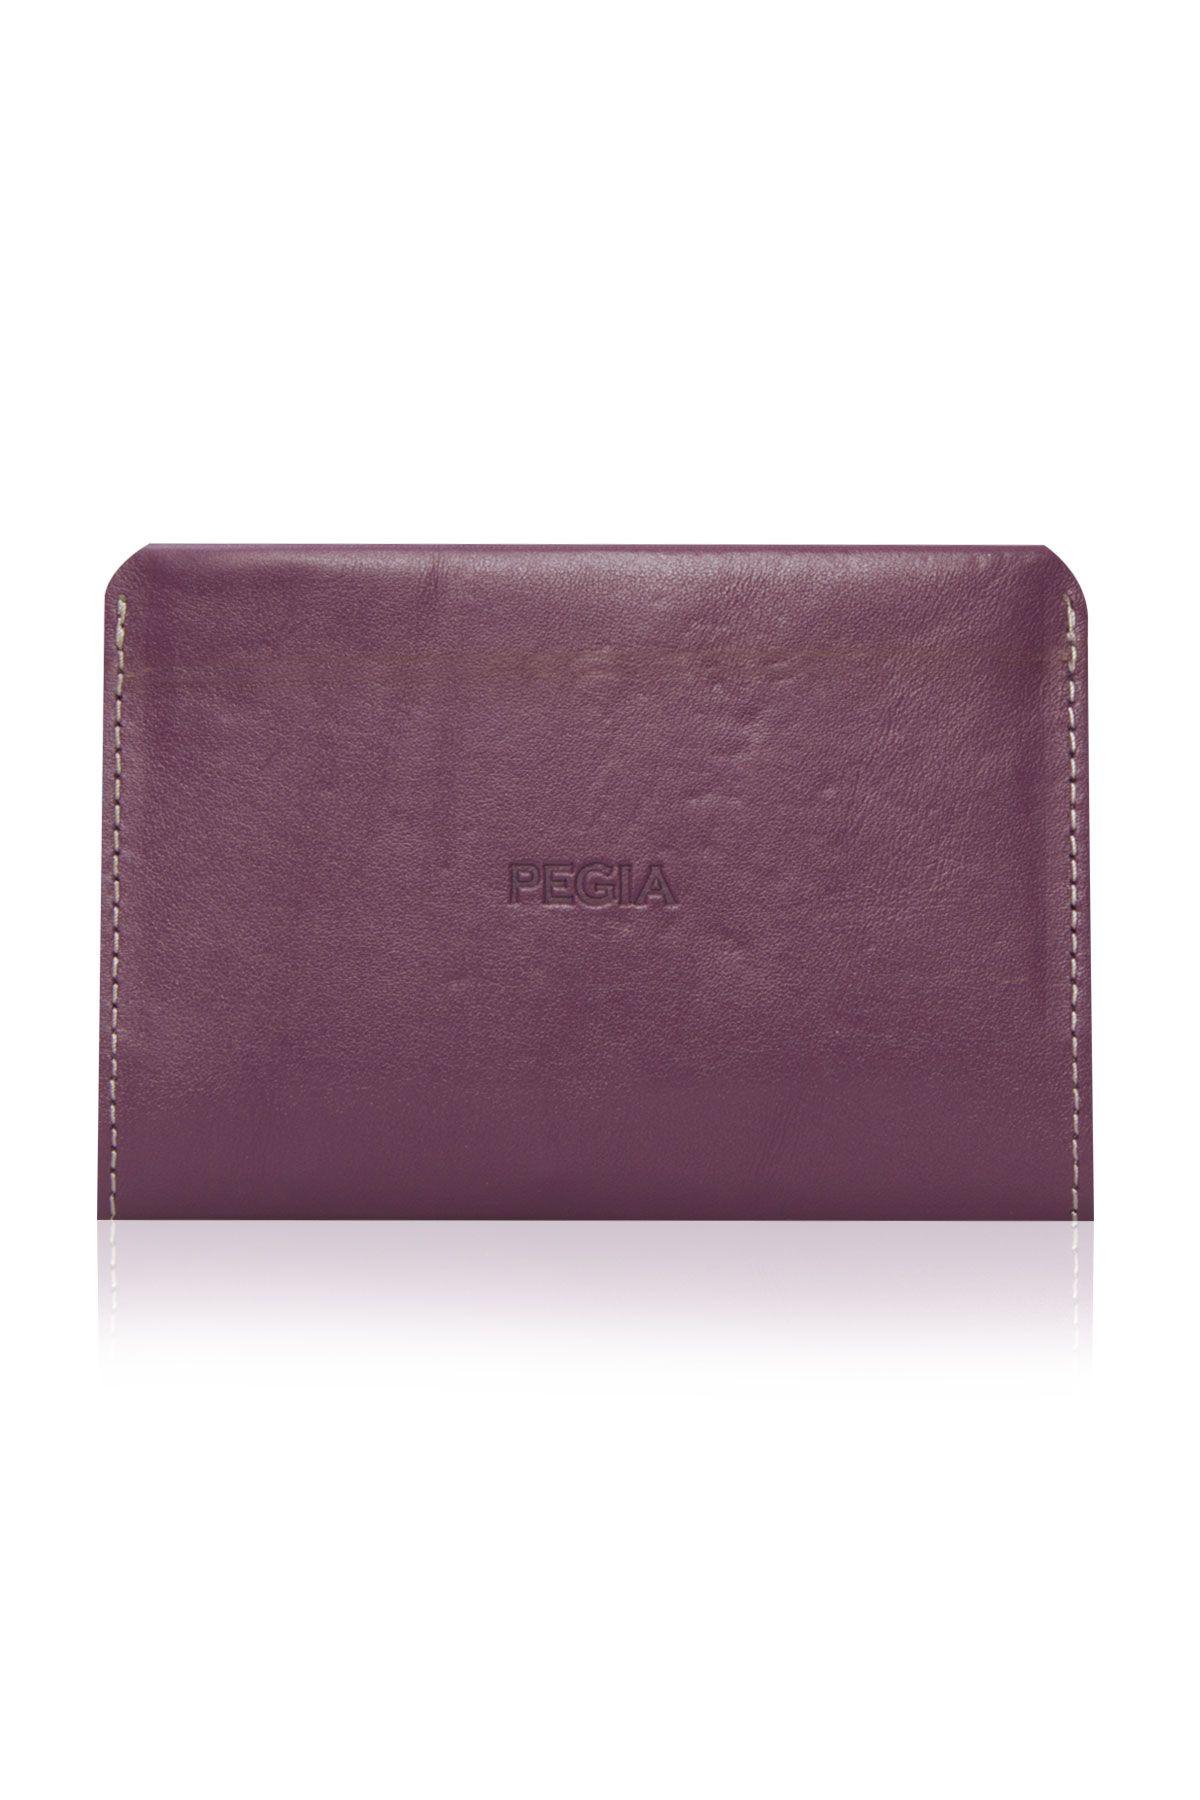 Pegia Hakiki Deri Büyük Boy Cüzdan 19CZ301 Purple